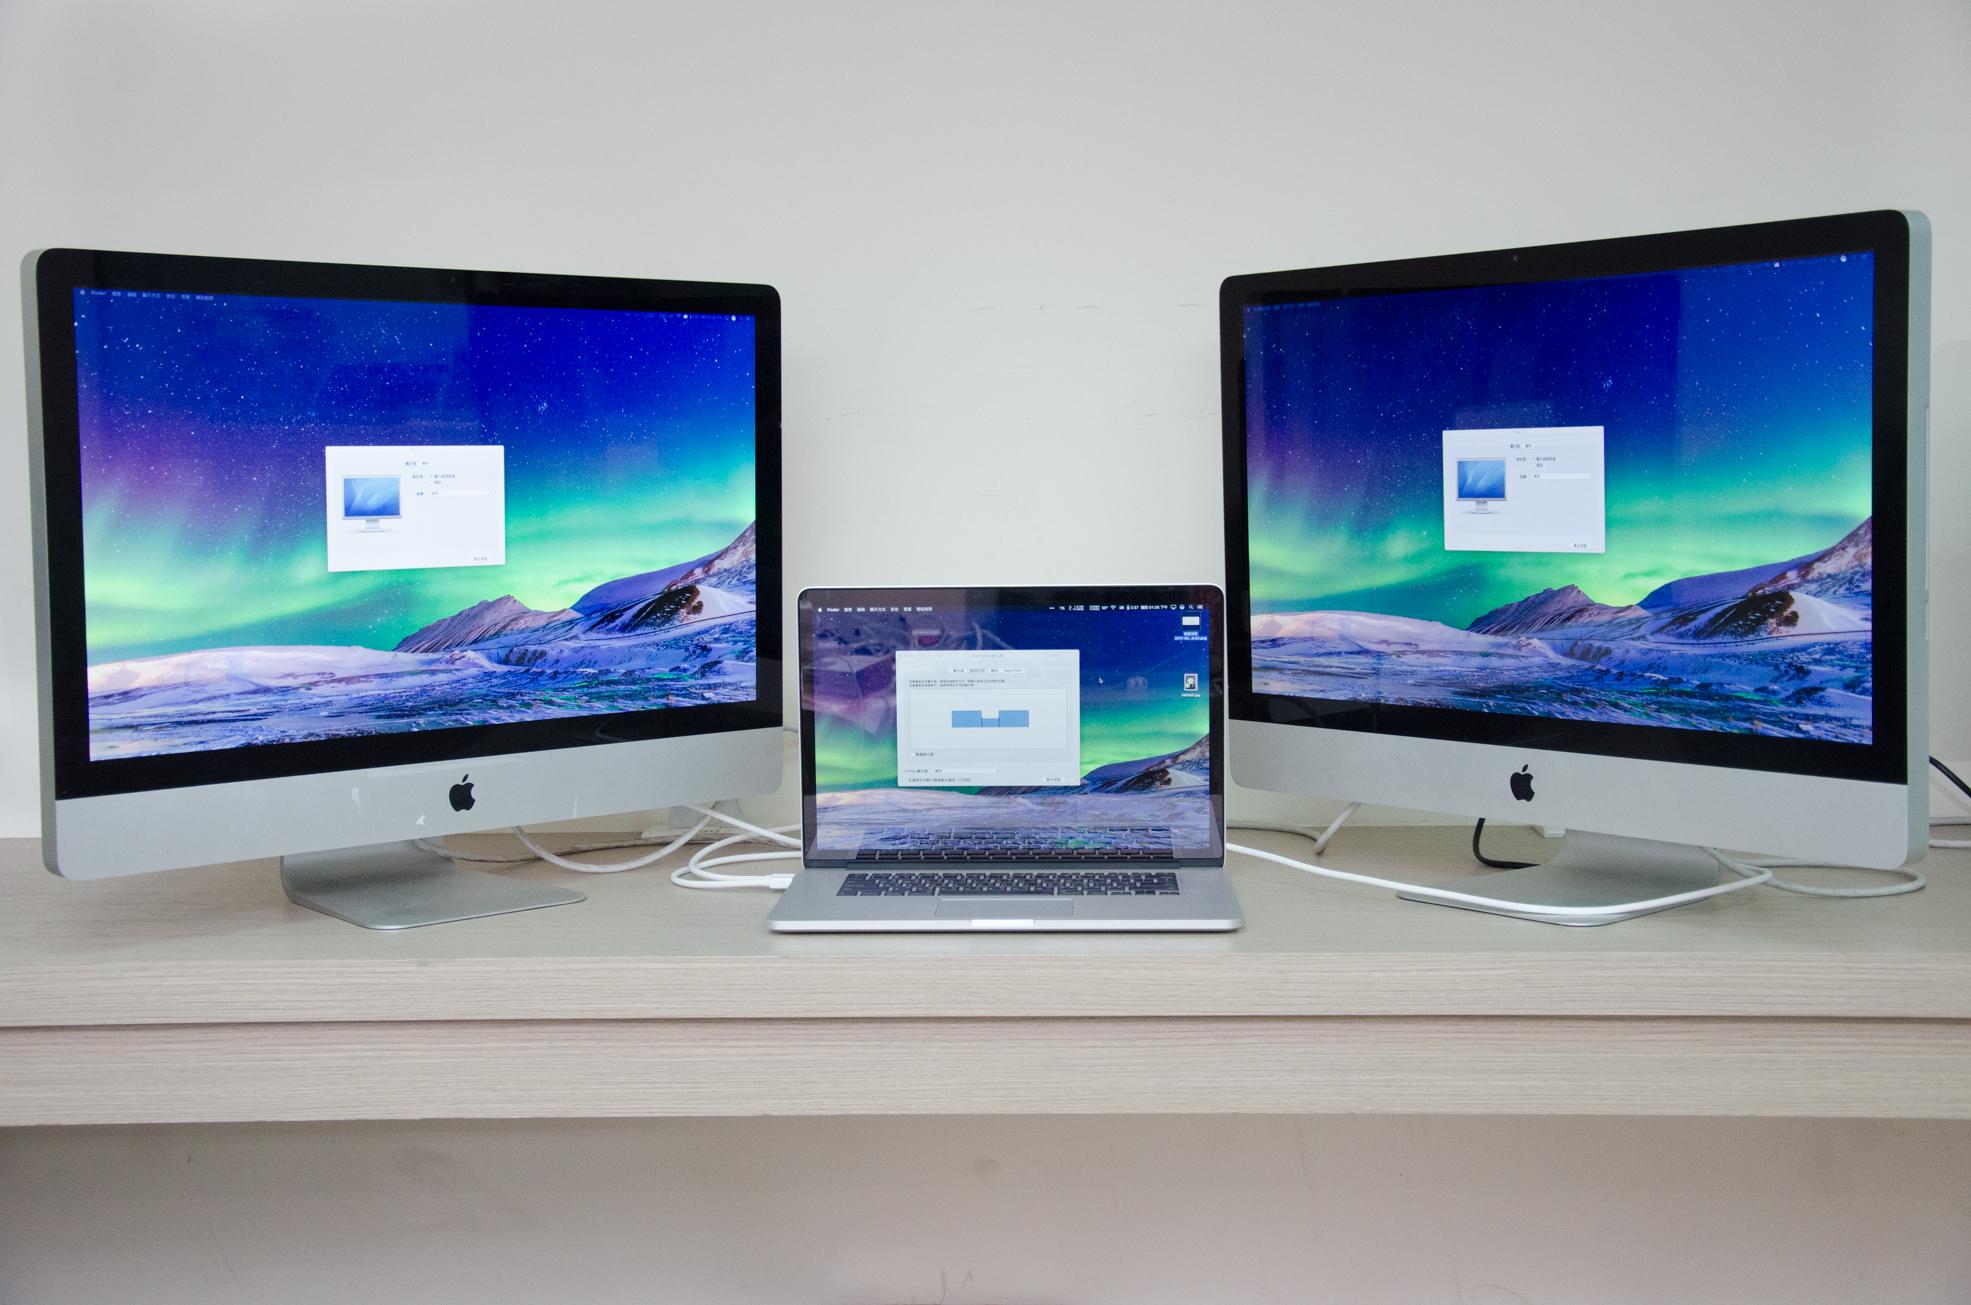 實測 iMac 目標顯示器模式